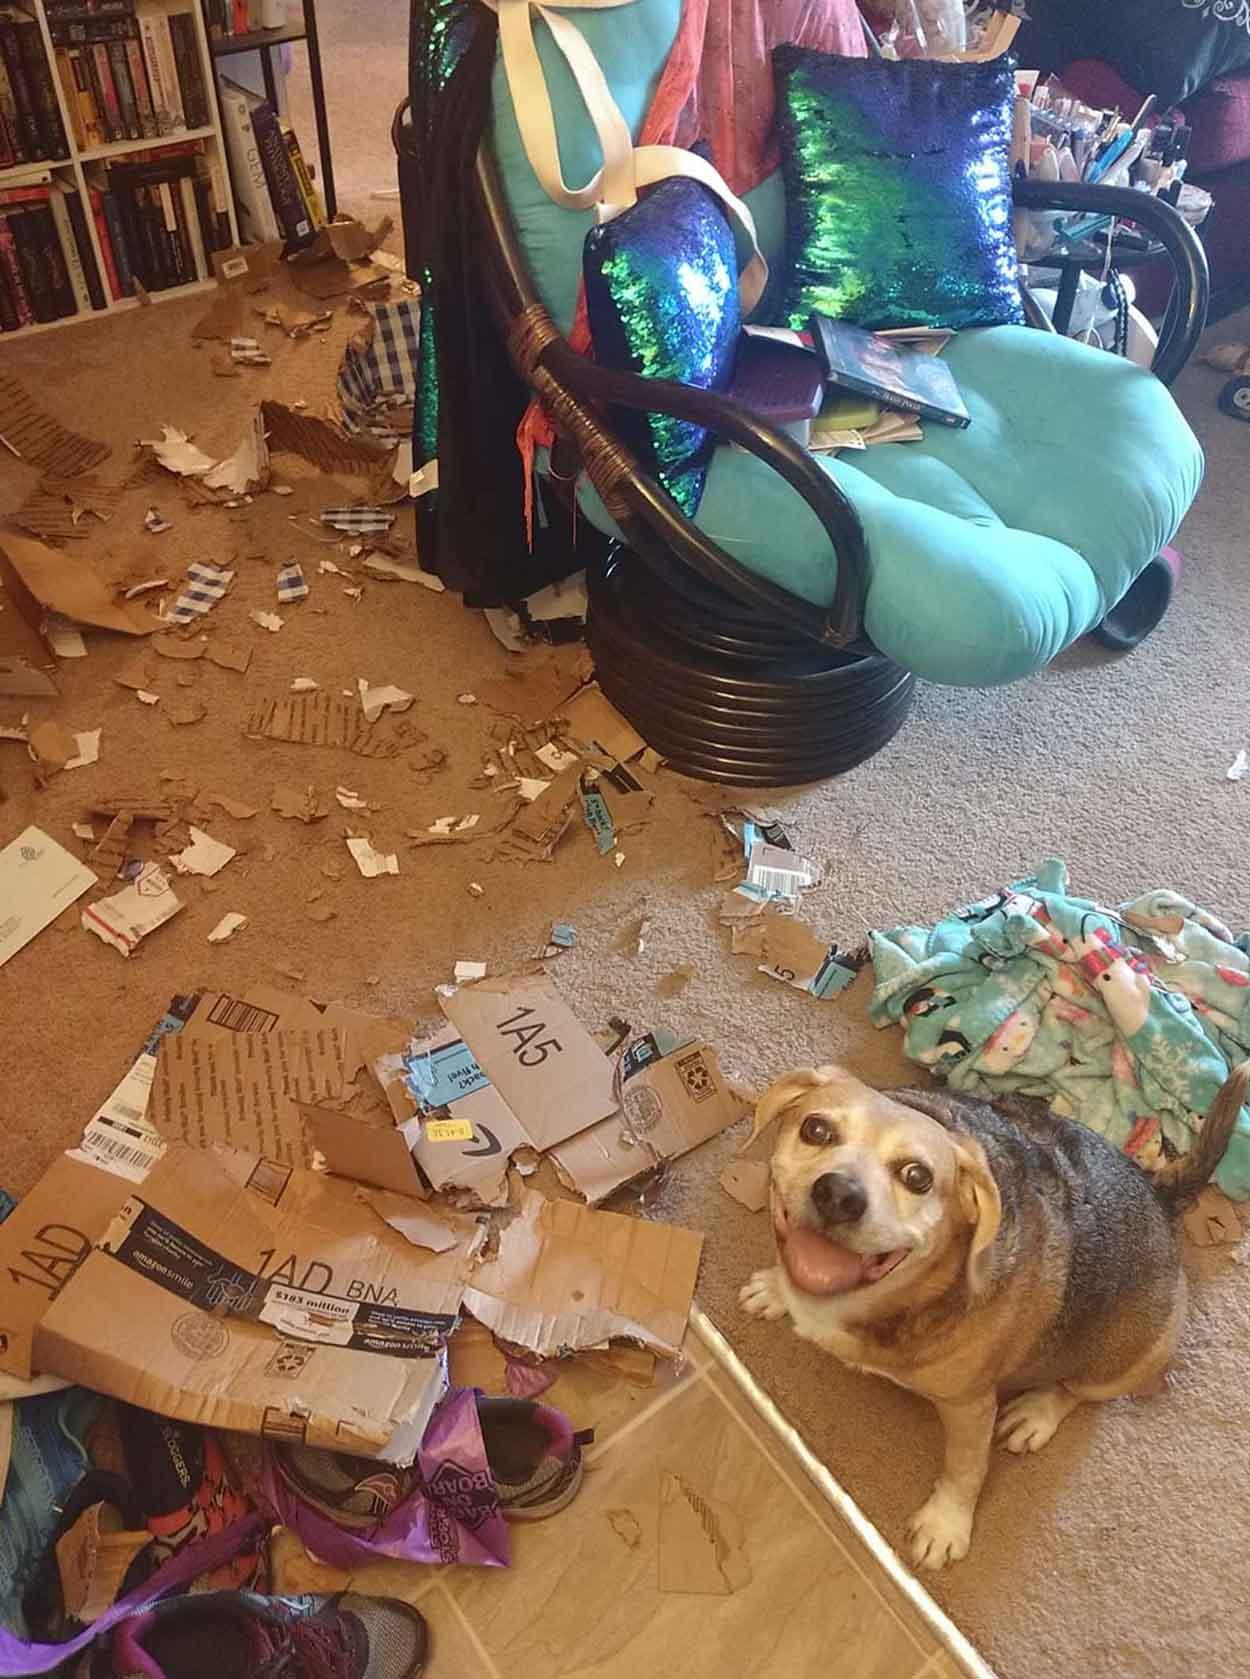 Perro está orgulloso de su desorden